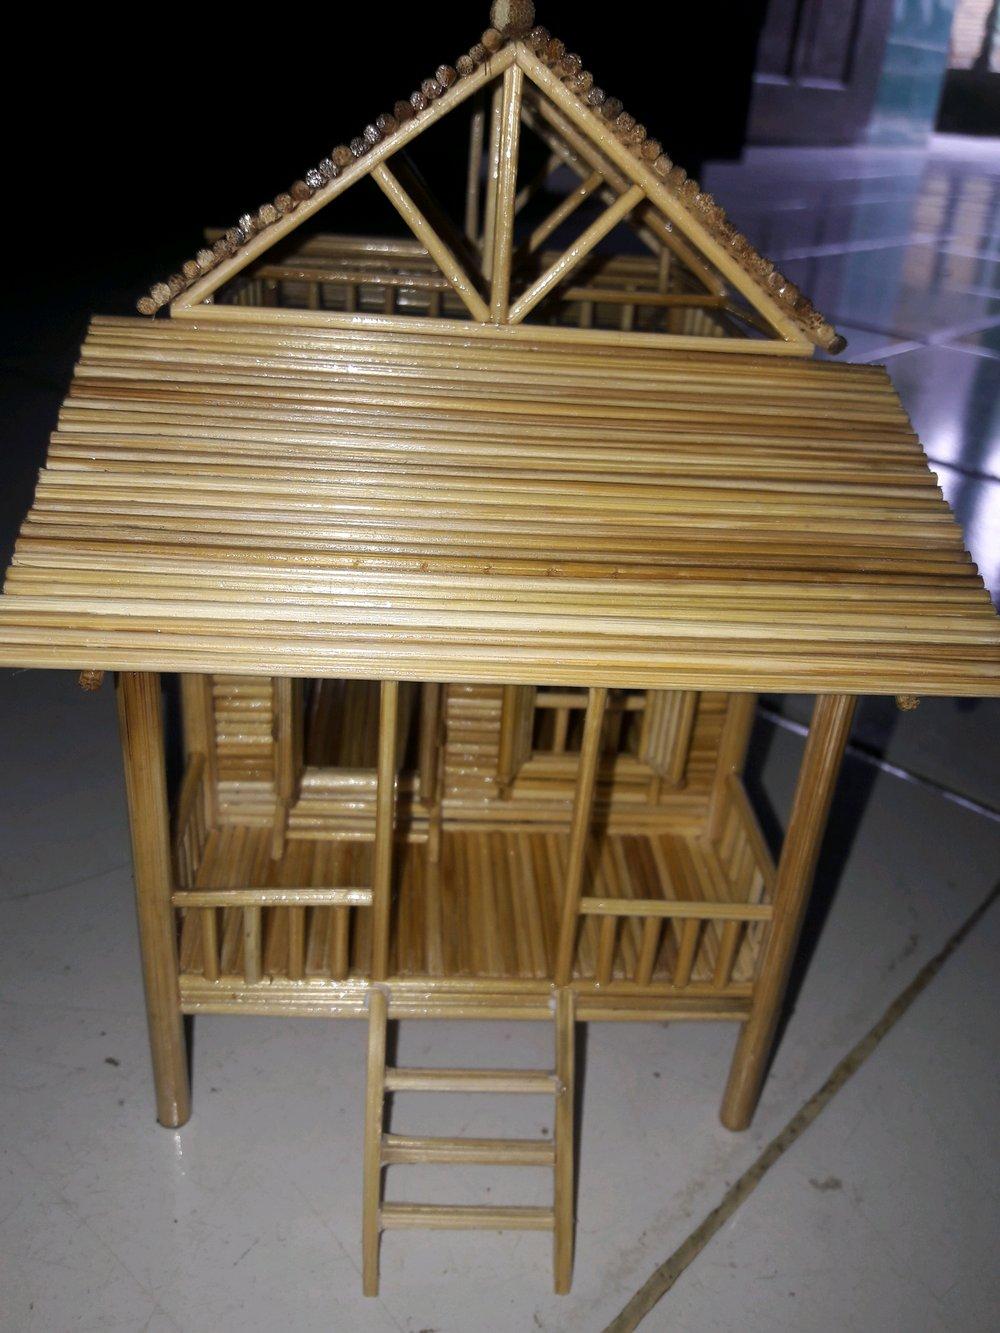 3 Langkah Mudah Cara Membuat Miniatur Rumah Dari Kardus Bekas !!